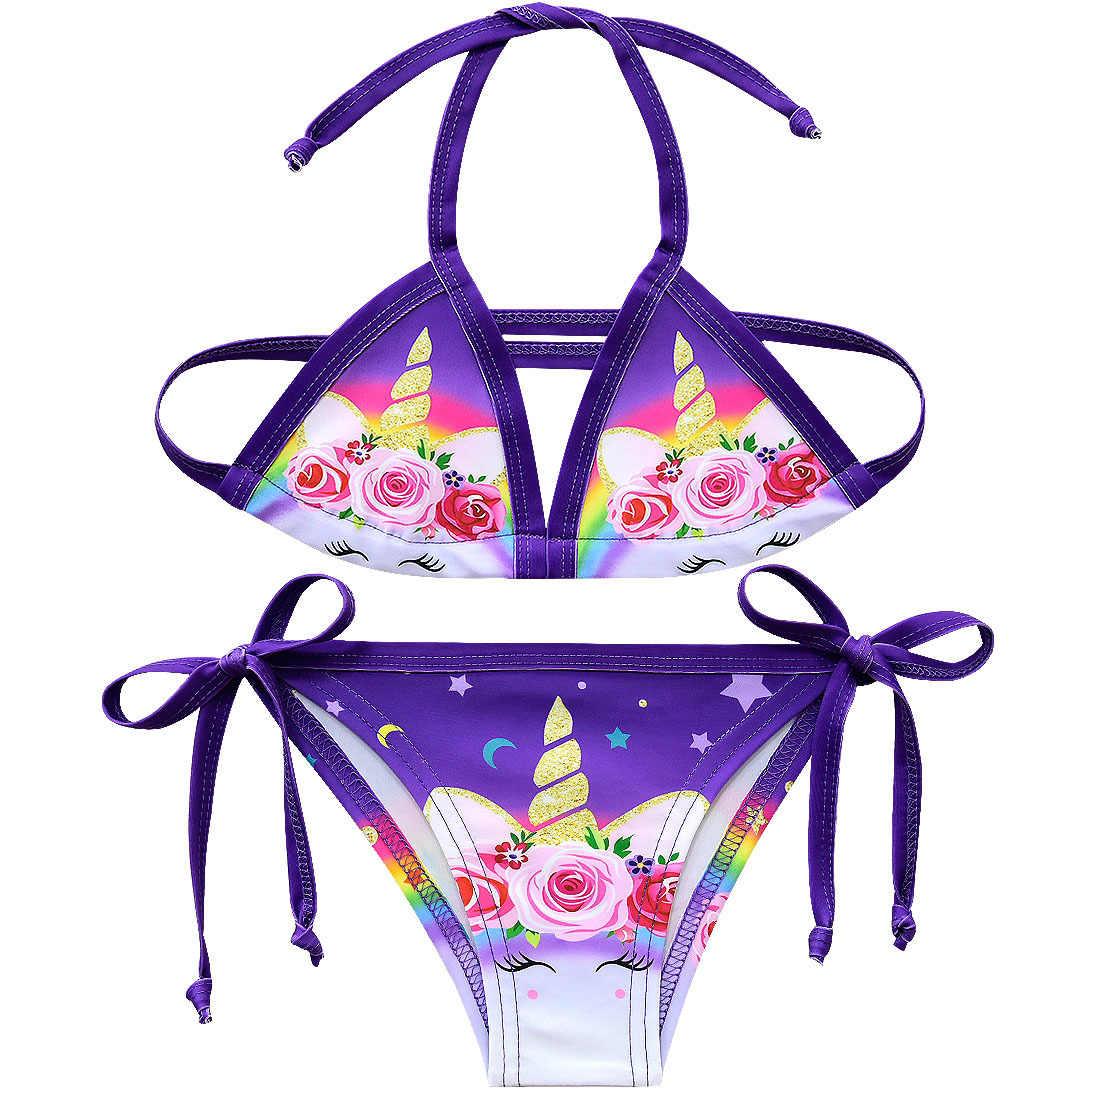 Новый 2019 Единорог женский купальник-бикини повязка на голову, летний купальный костюм для девочек, платье в виде единорога, День рождения детский костюм От 2 до 12 лет